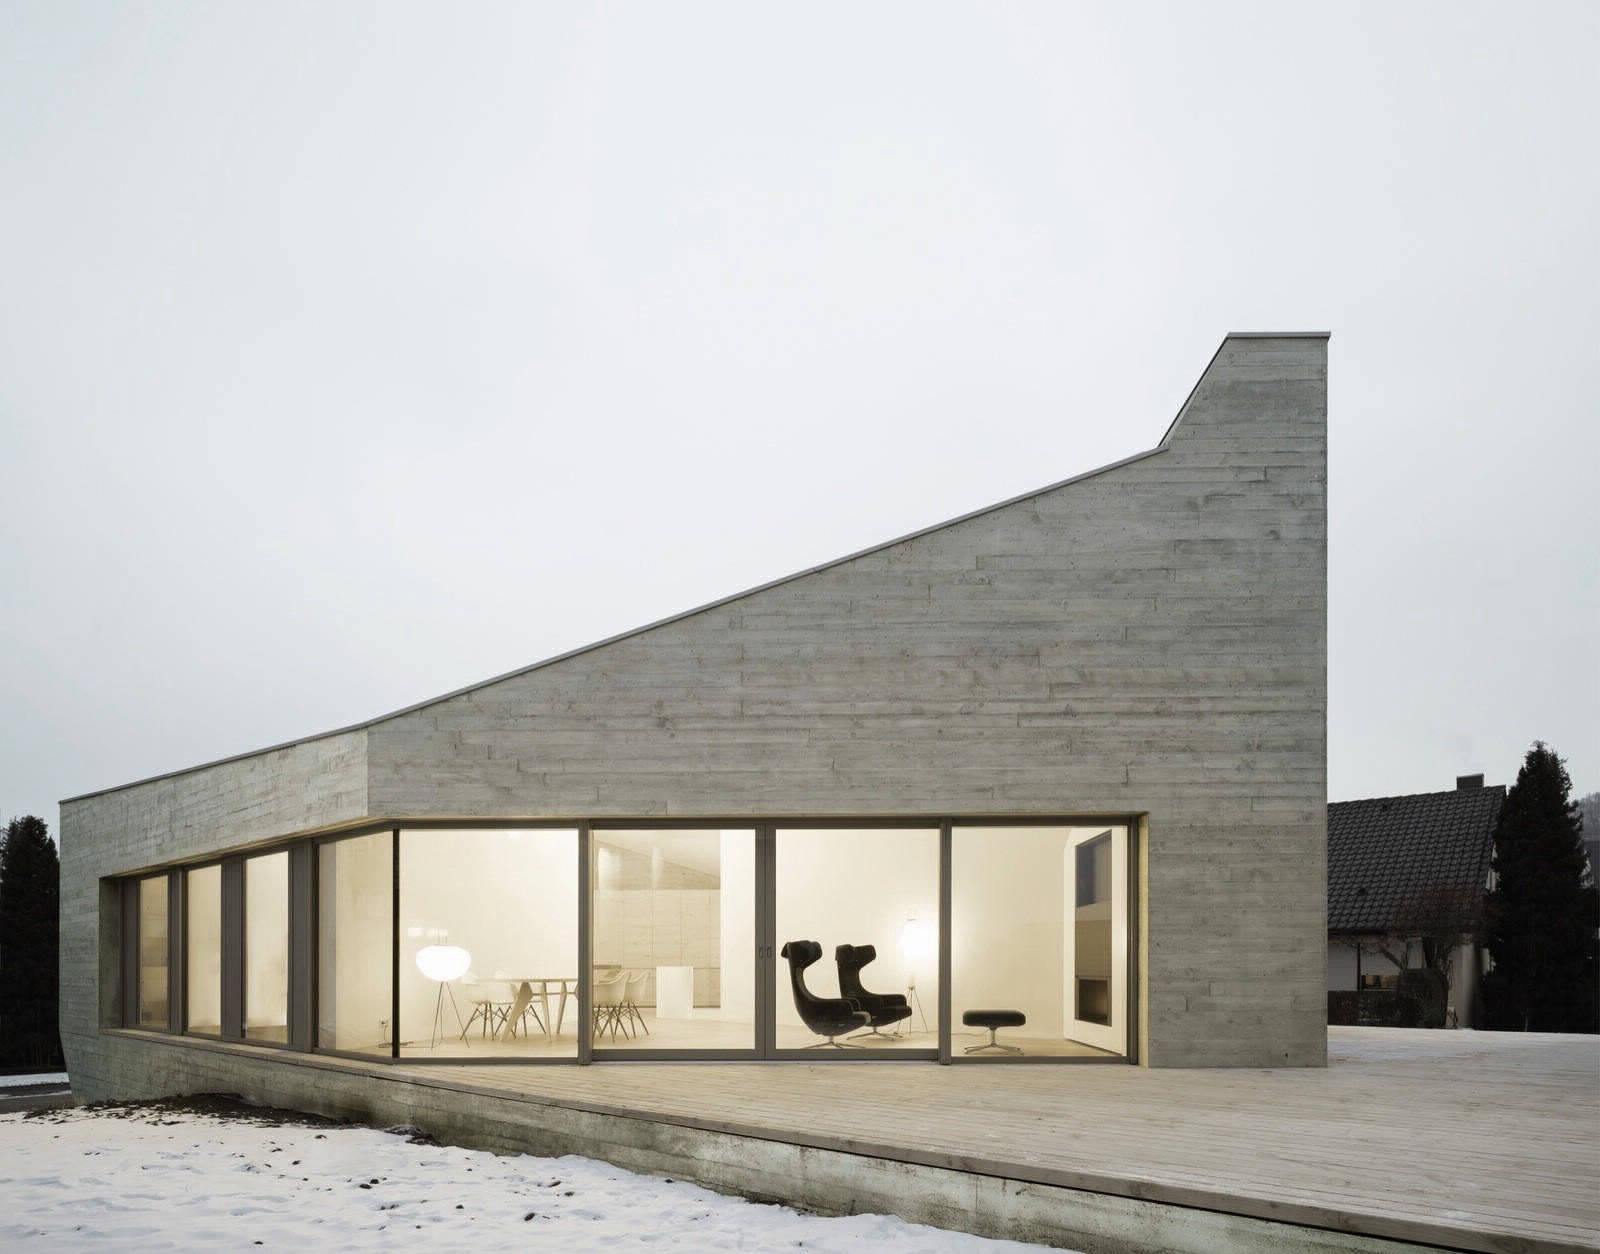 Увлекательная геометрия частного дома в Германии